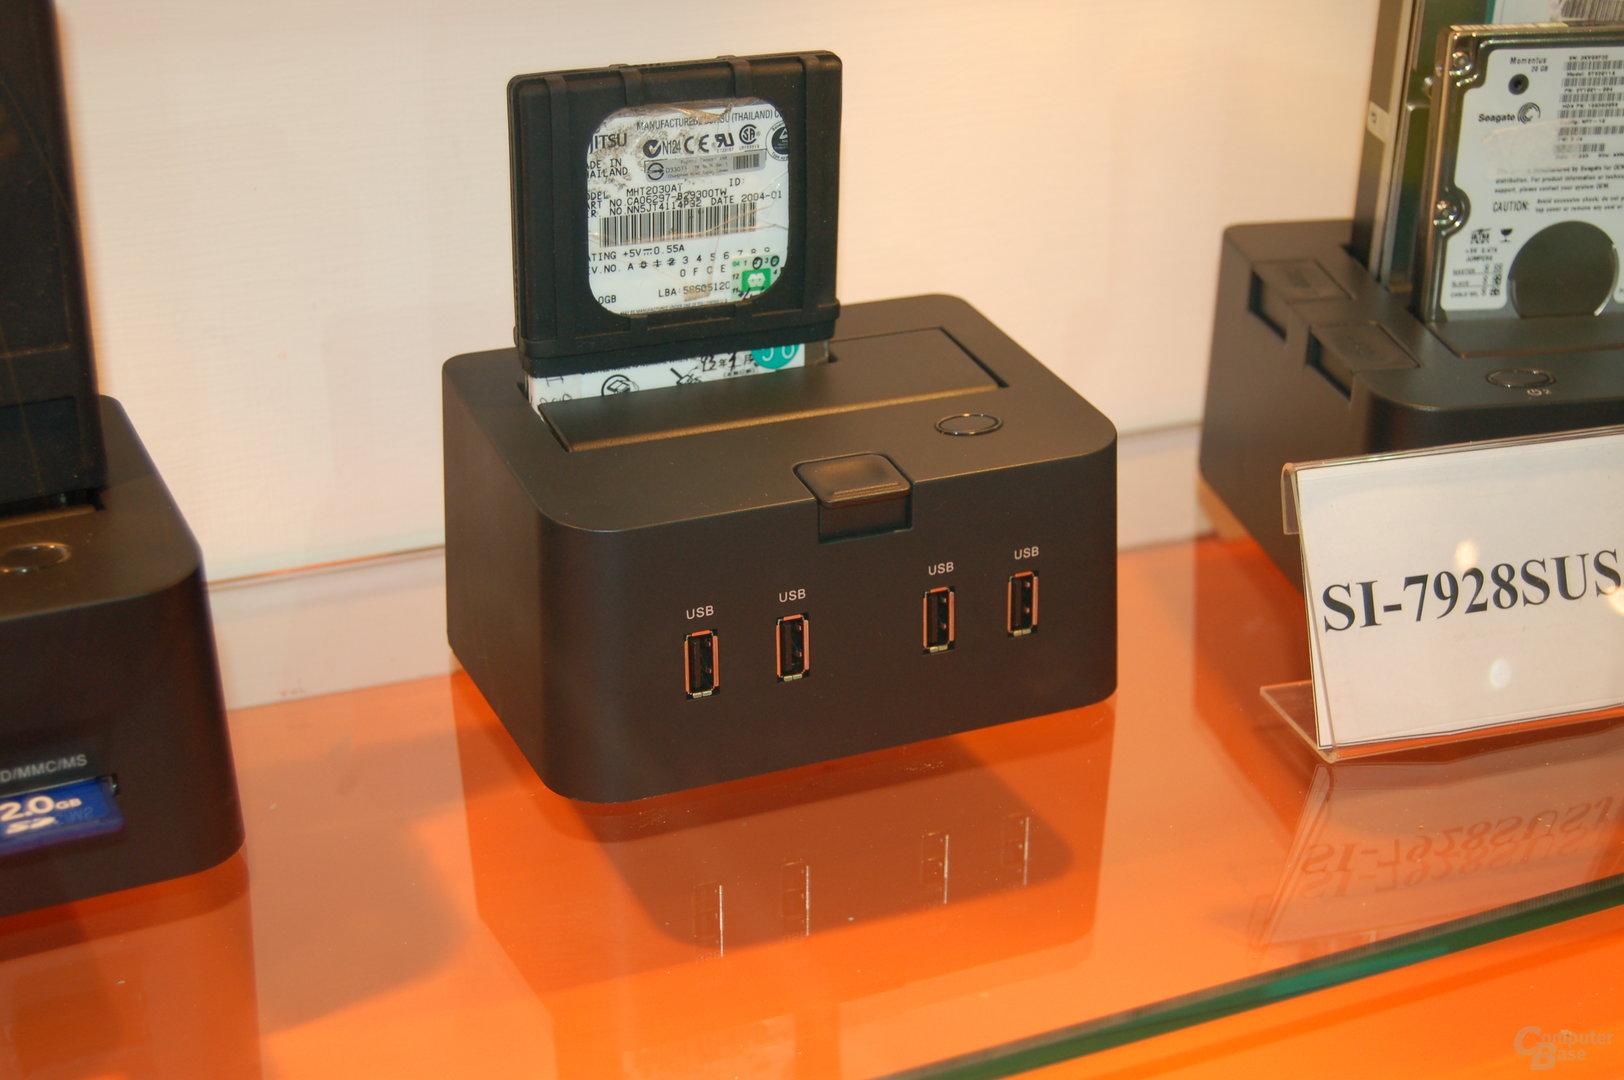 Modell mit 4x USB-Hub